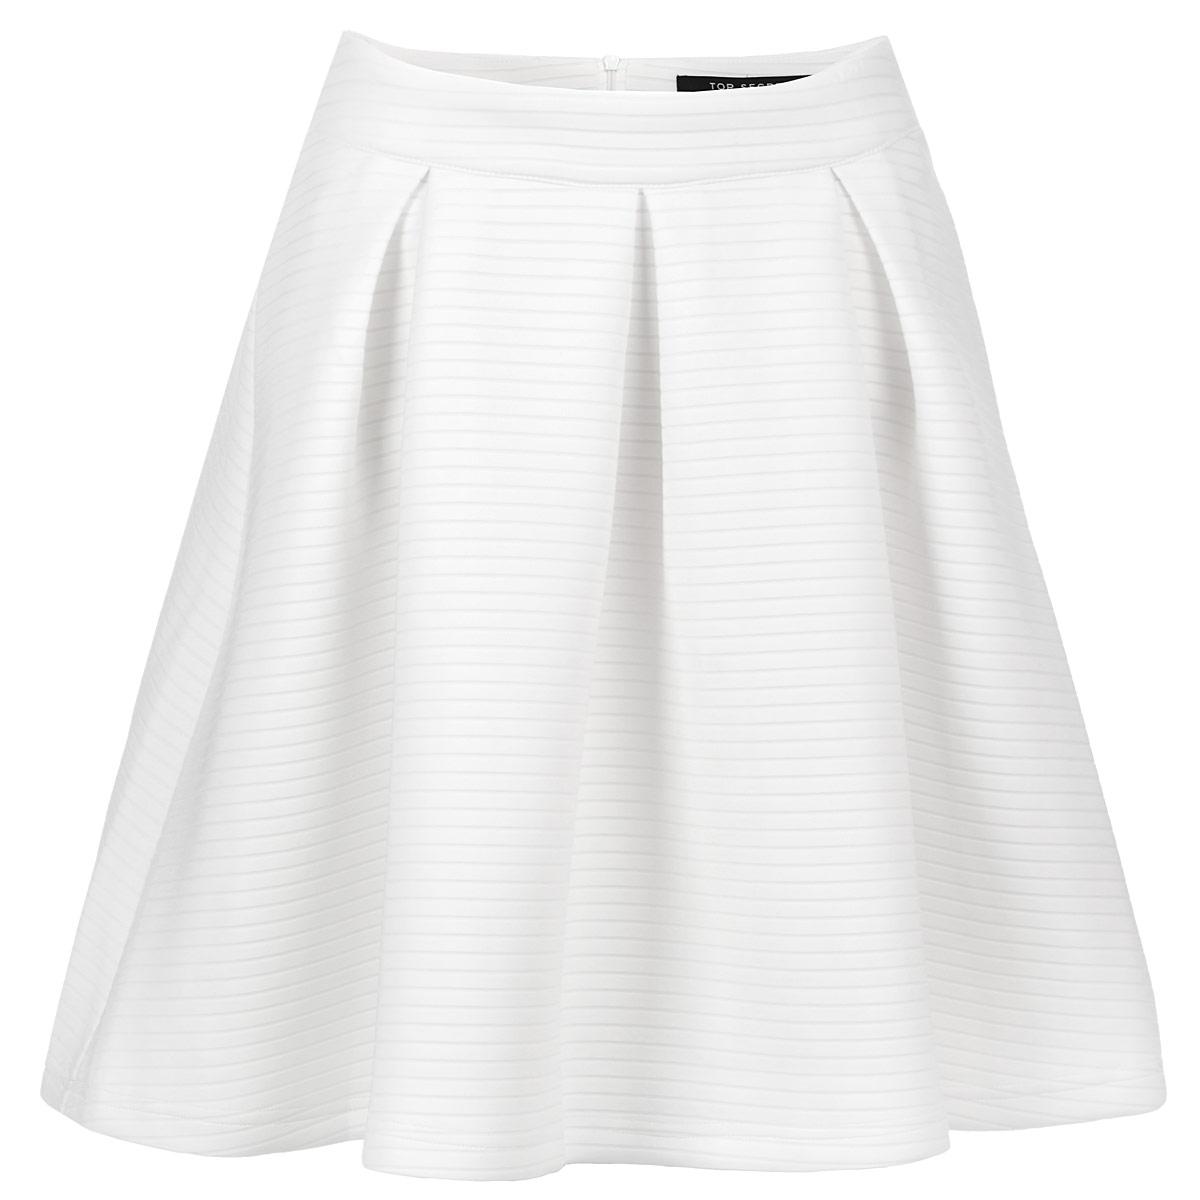 SSD0776BIСтильная юбка Top Secret изготовлена из полиэстера с добавлением эластана. Подкладка выполнена из полиэстера. Юбка расклешенного кроя, на широком поясе. Сзади застегивается на потайную молнию. Эта модная и в тоже время комфортная юбка - отличный вариант на каждый день.